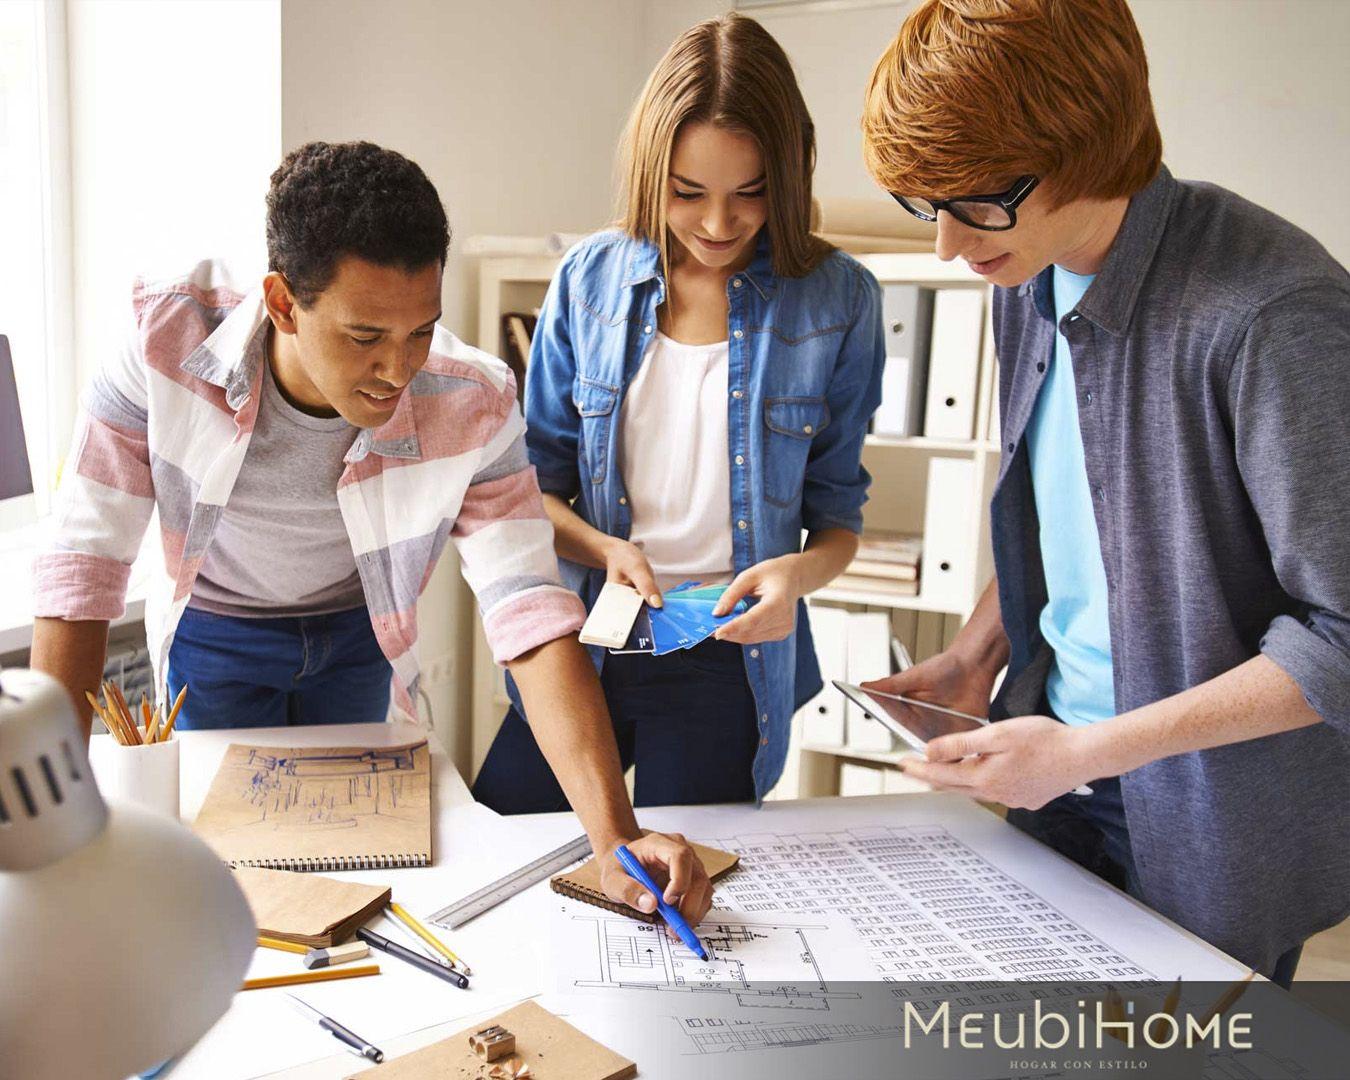 El Trabajo En Equipo Es Fundamental Para Lograr Nuestras Metas En Meubihome Ofrecemos Asesorias Y Alia Trabajo En Equipo Decoracion De Unas Partes De La Misa